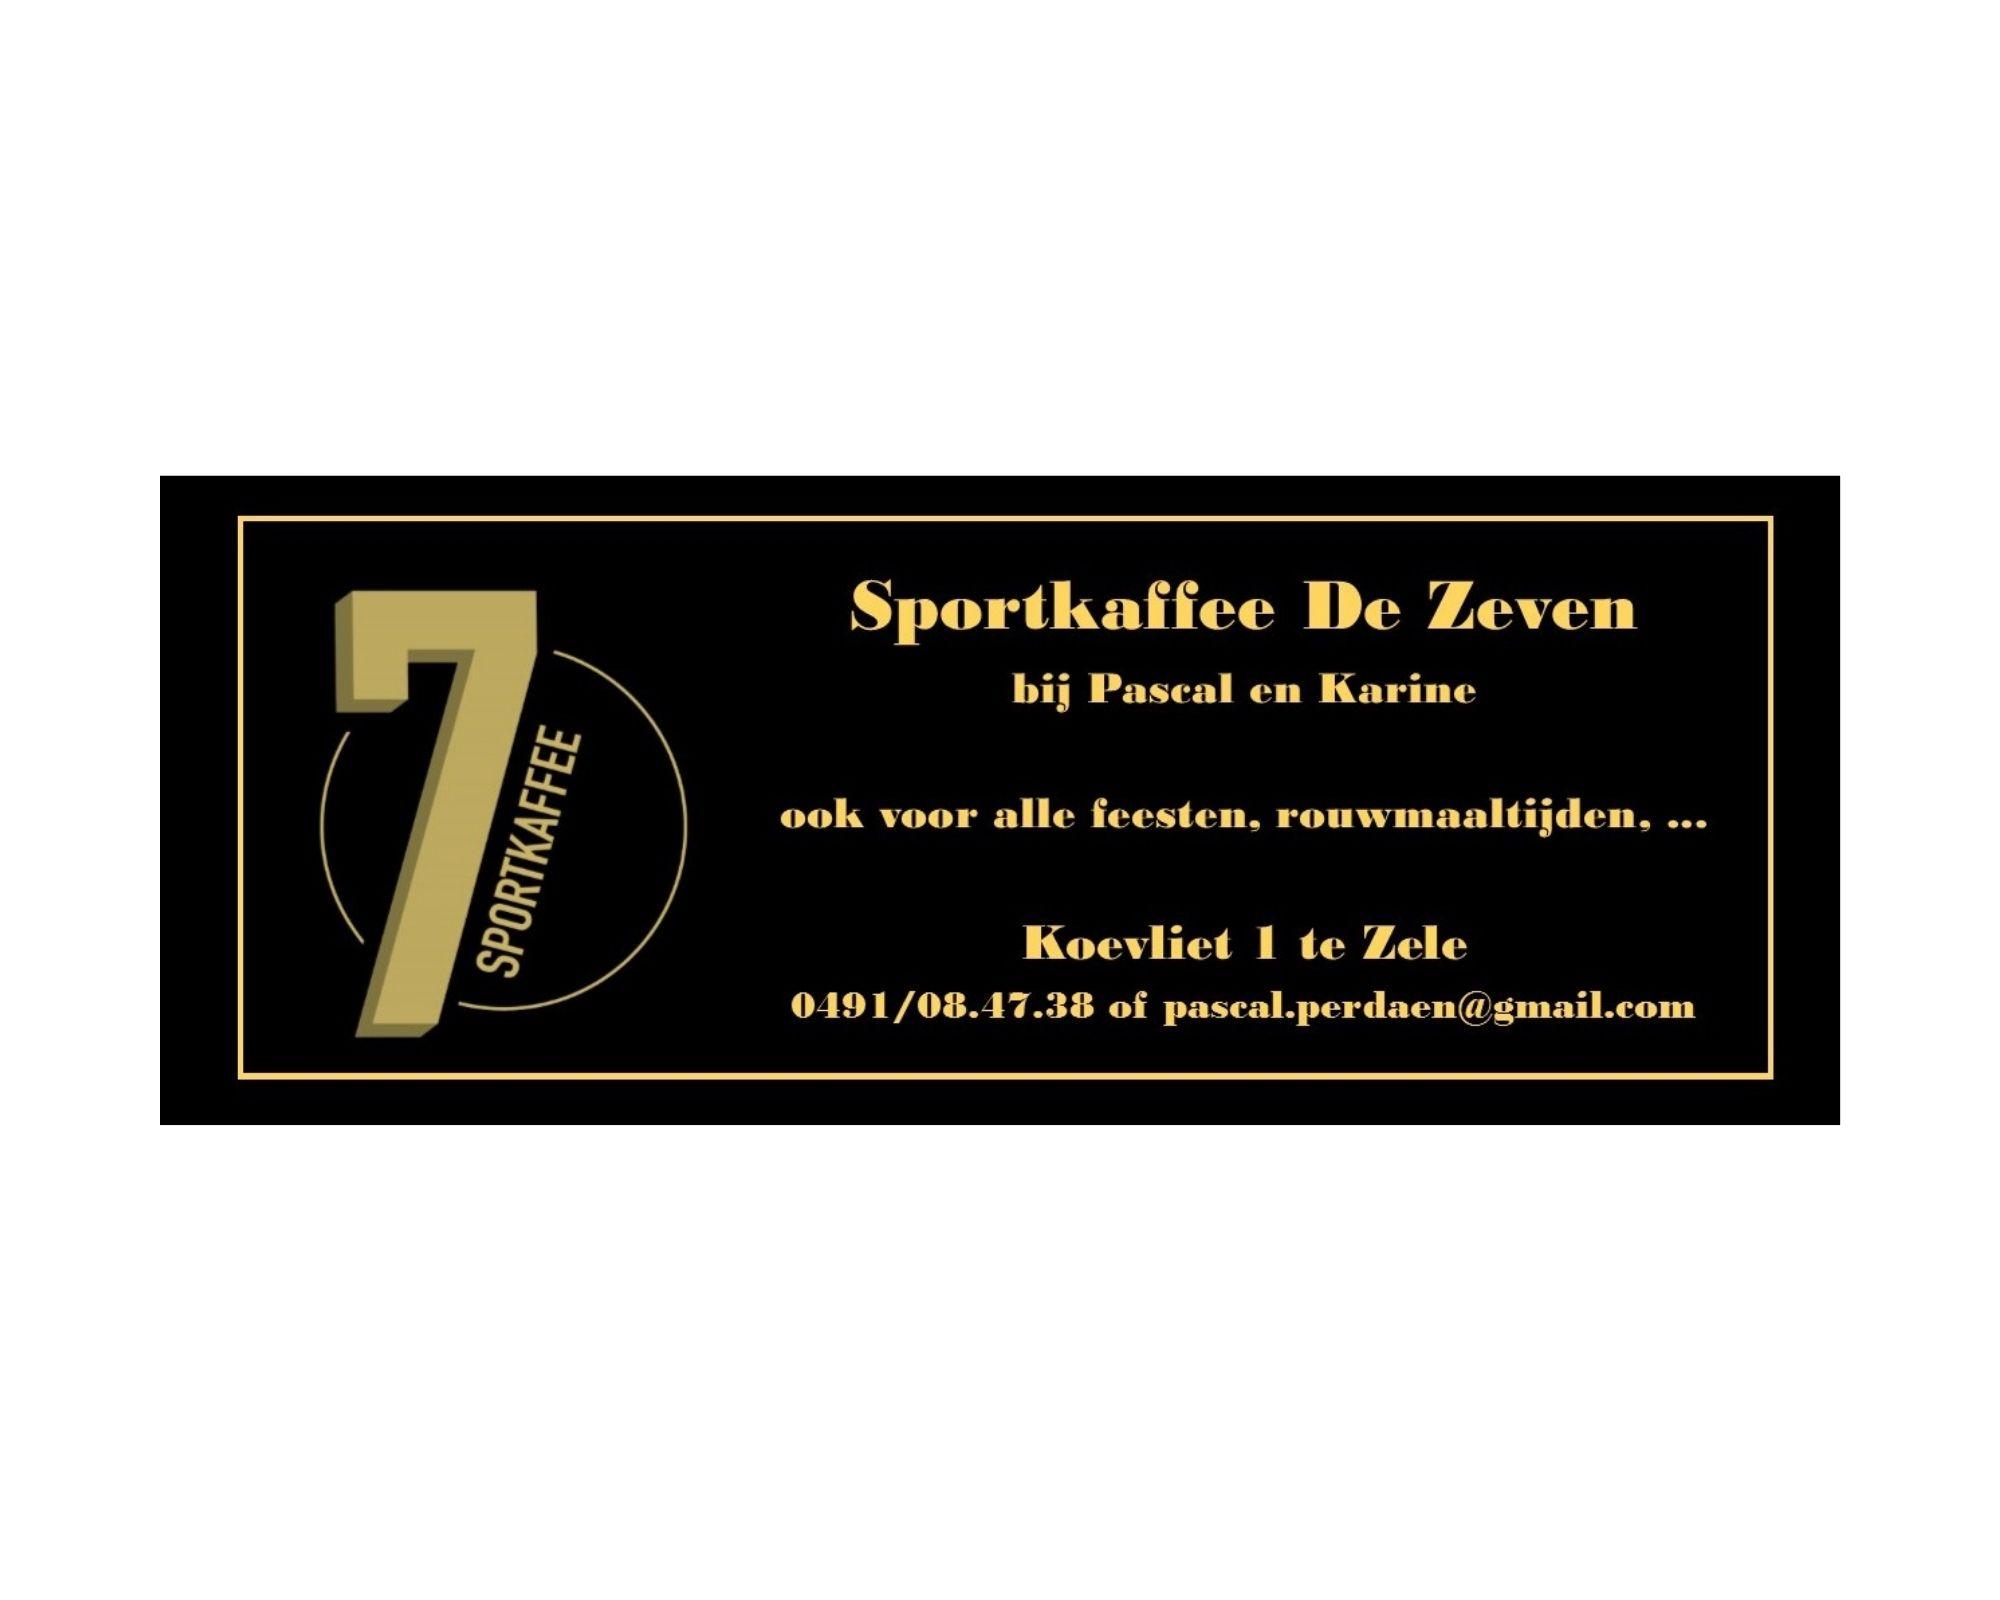 logo de zeven